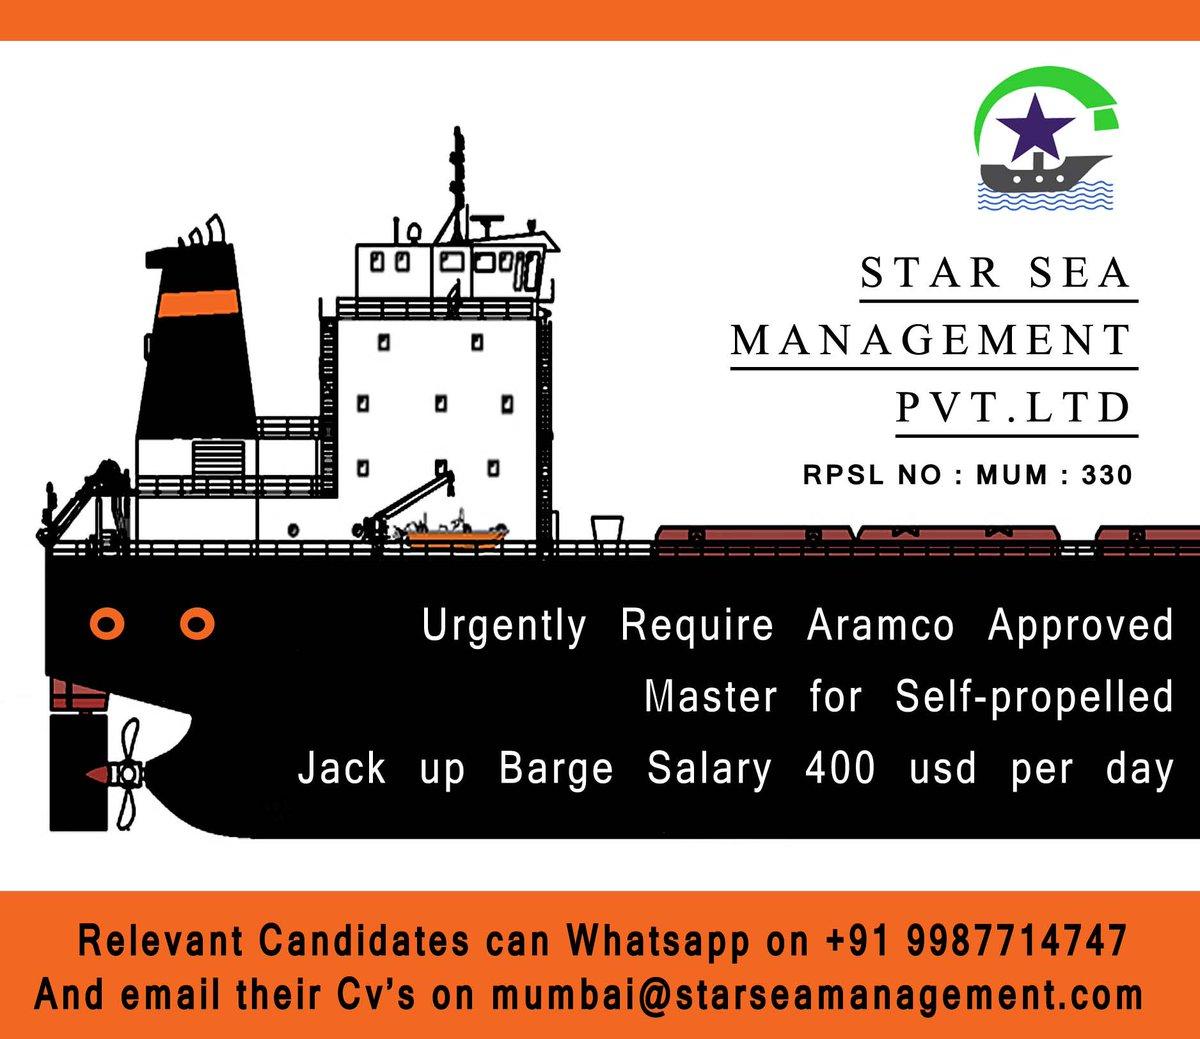 star sea management pvt  ltd (@Star_Sea_Mgmt)   Twitter